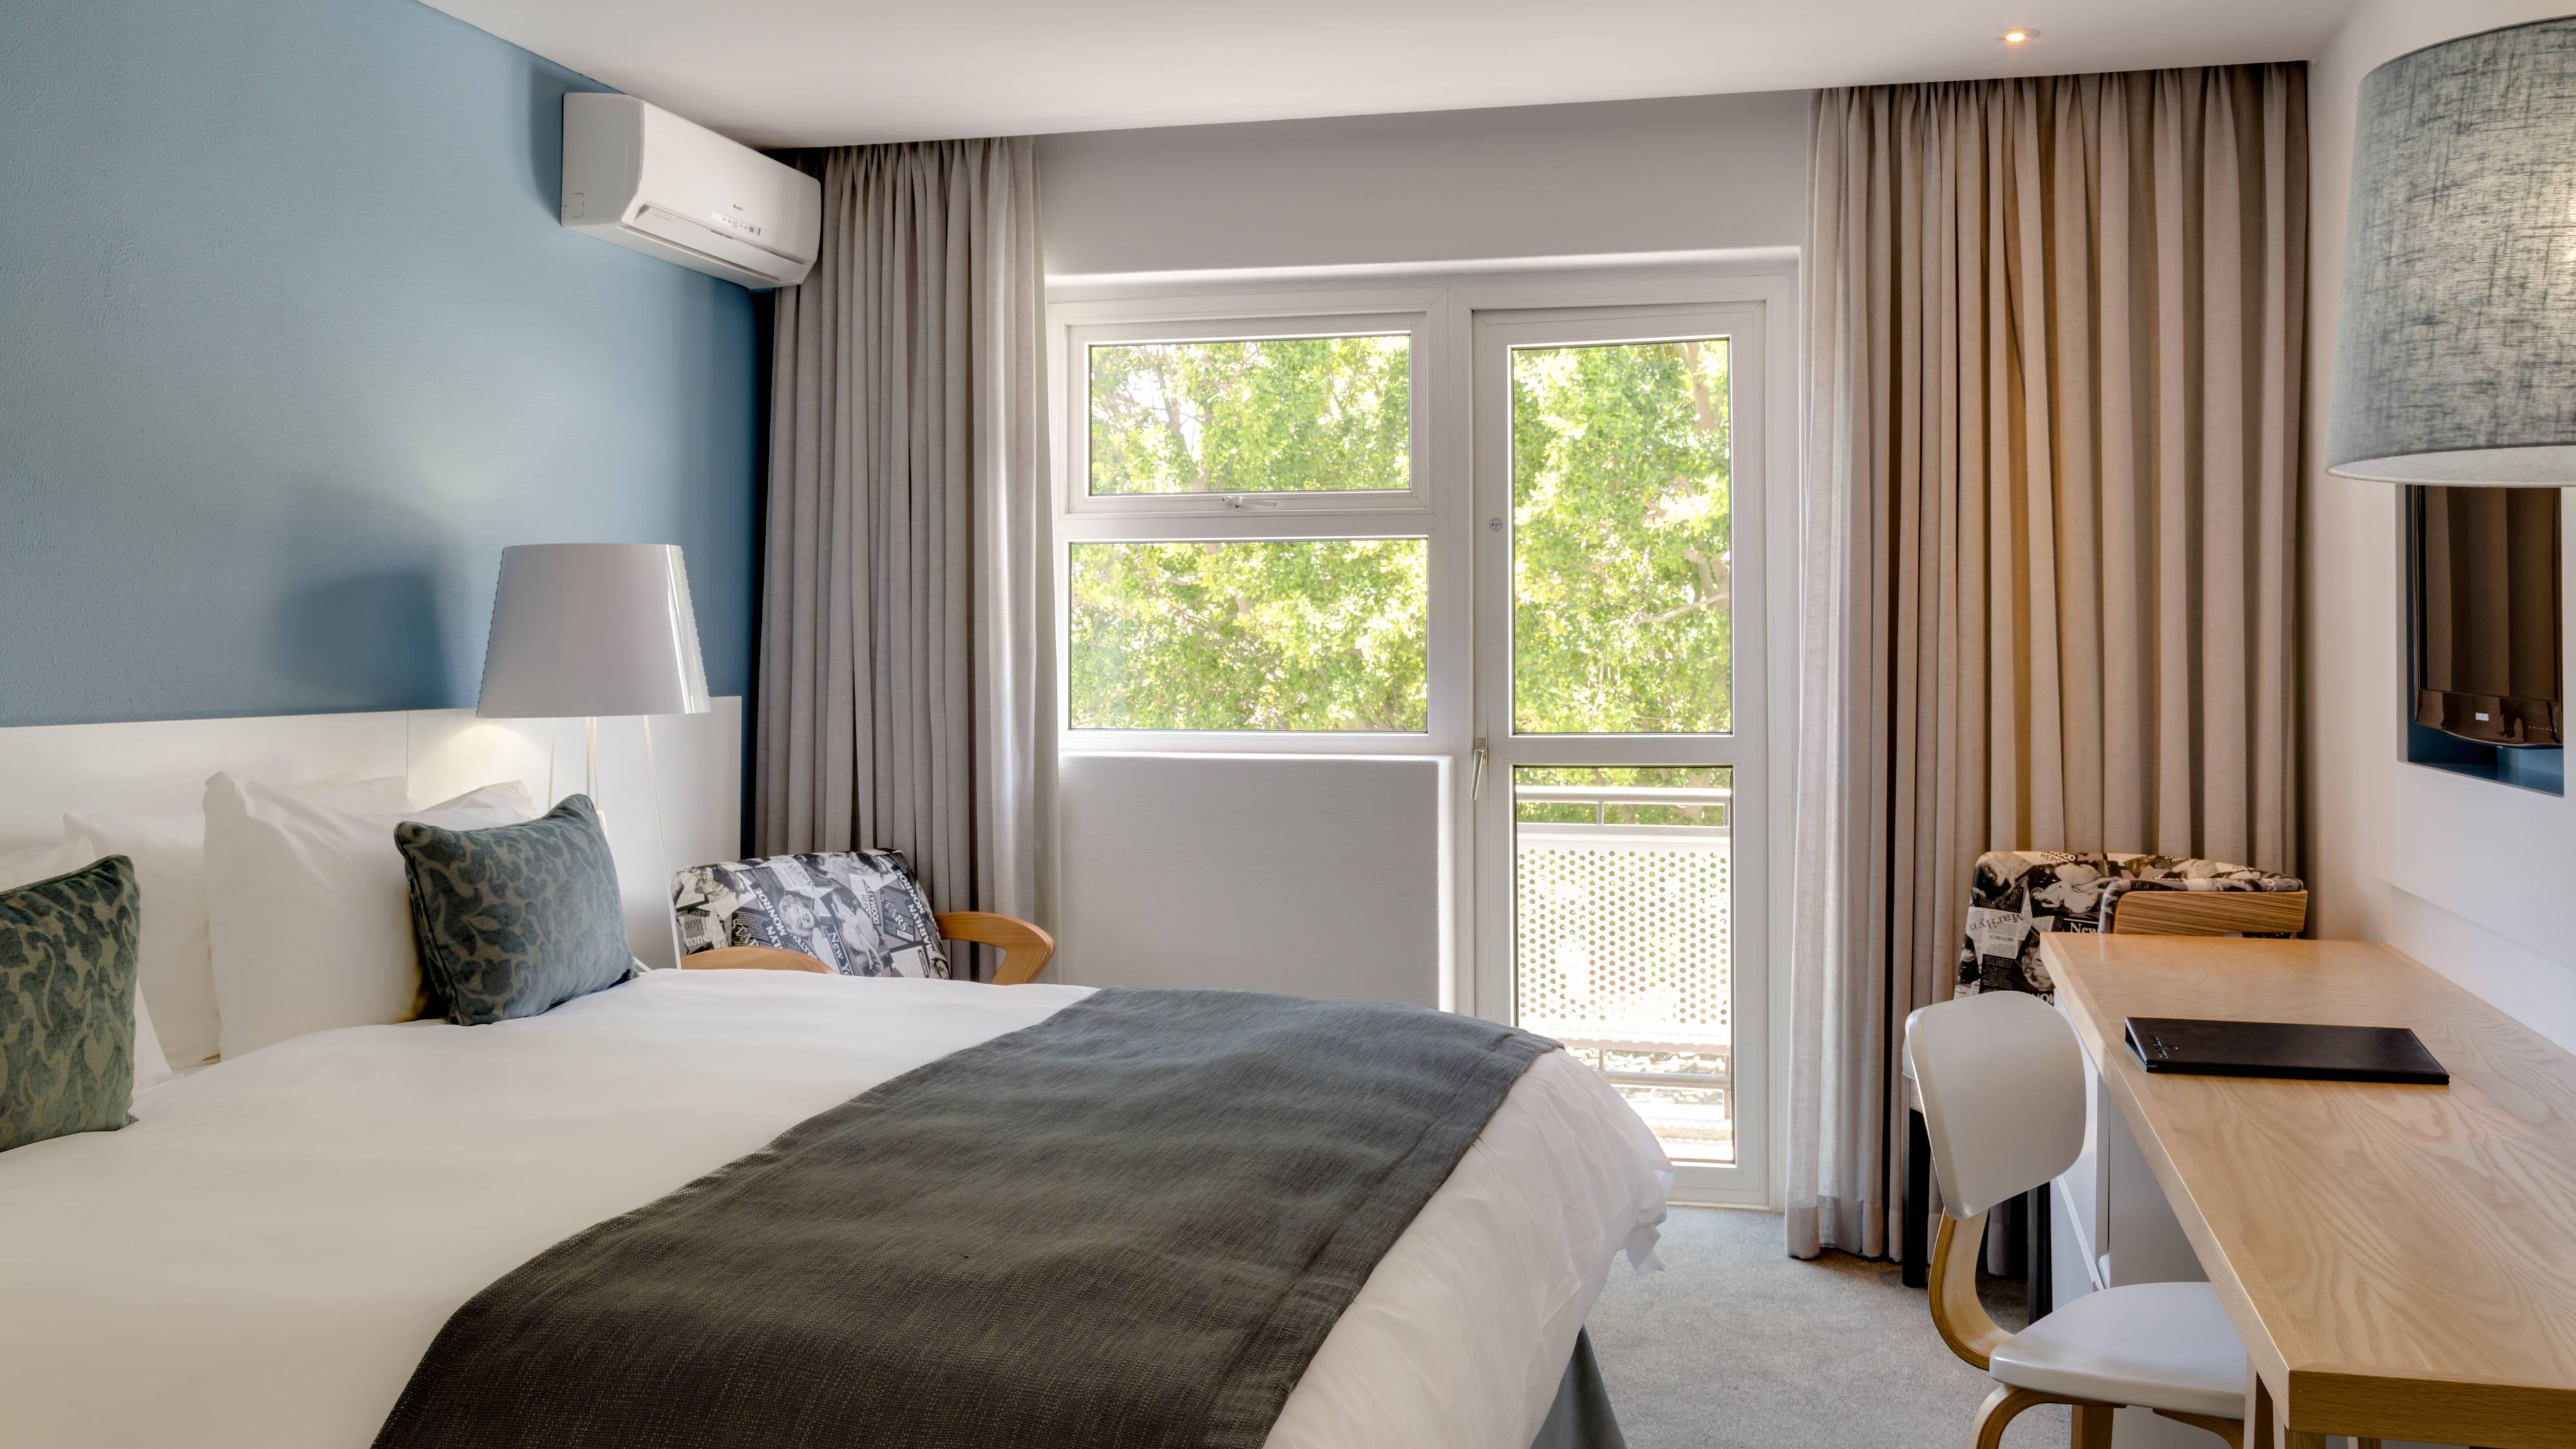 Standard-Gästezimmer mit Queensize-Bett